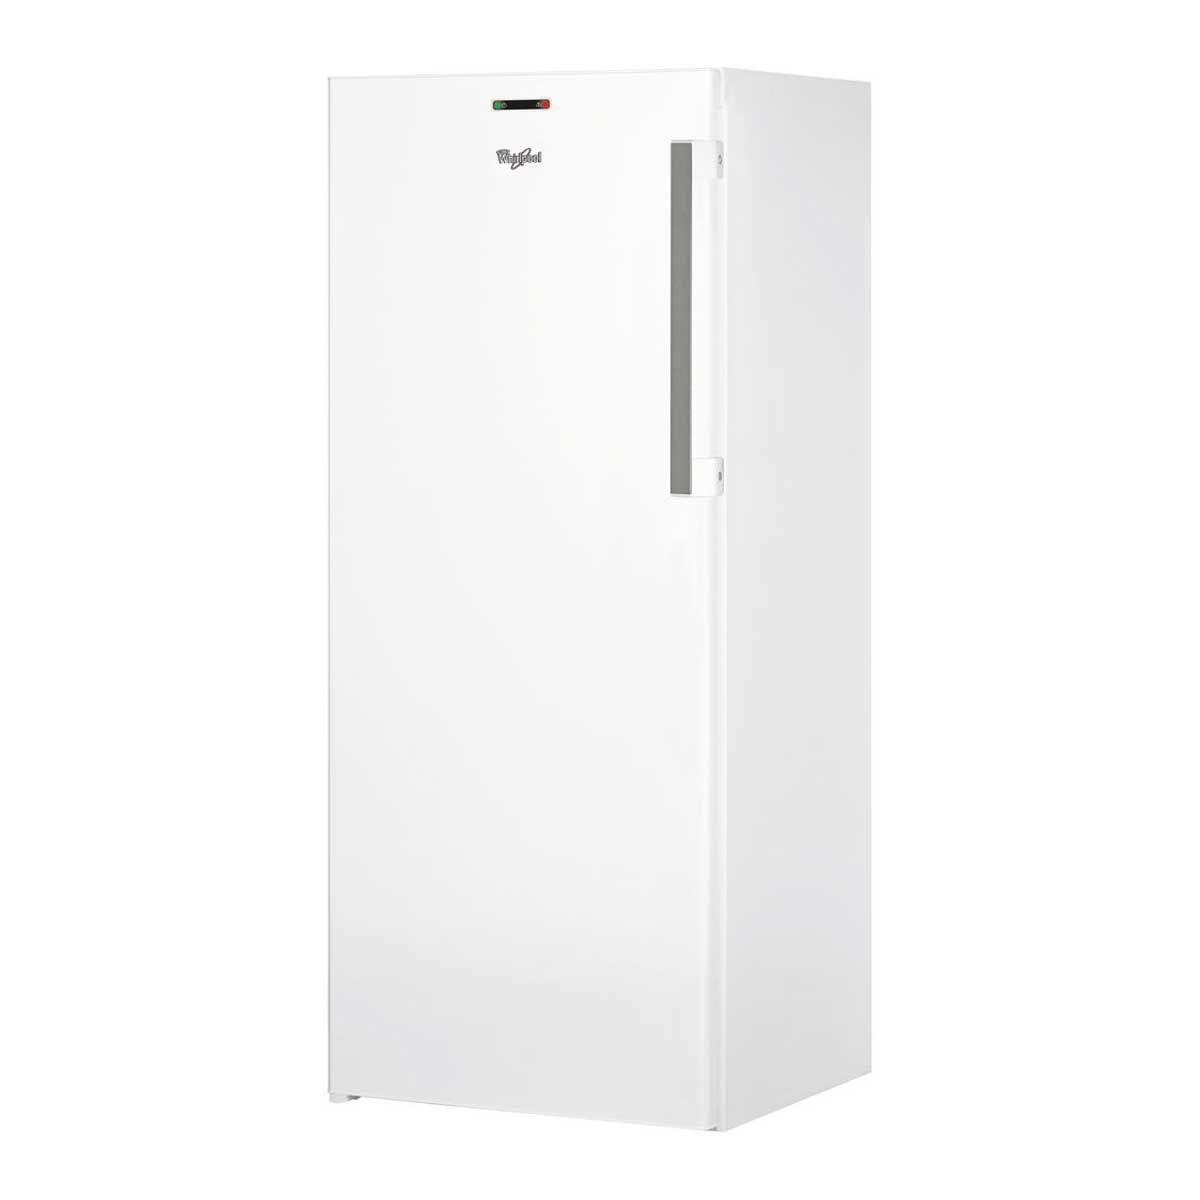 Beko È Una Sottomarca migliori congelatori verticali - classifica e recensioni del